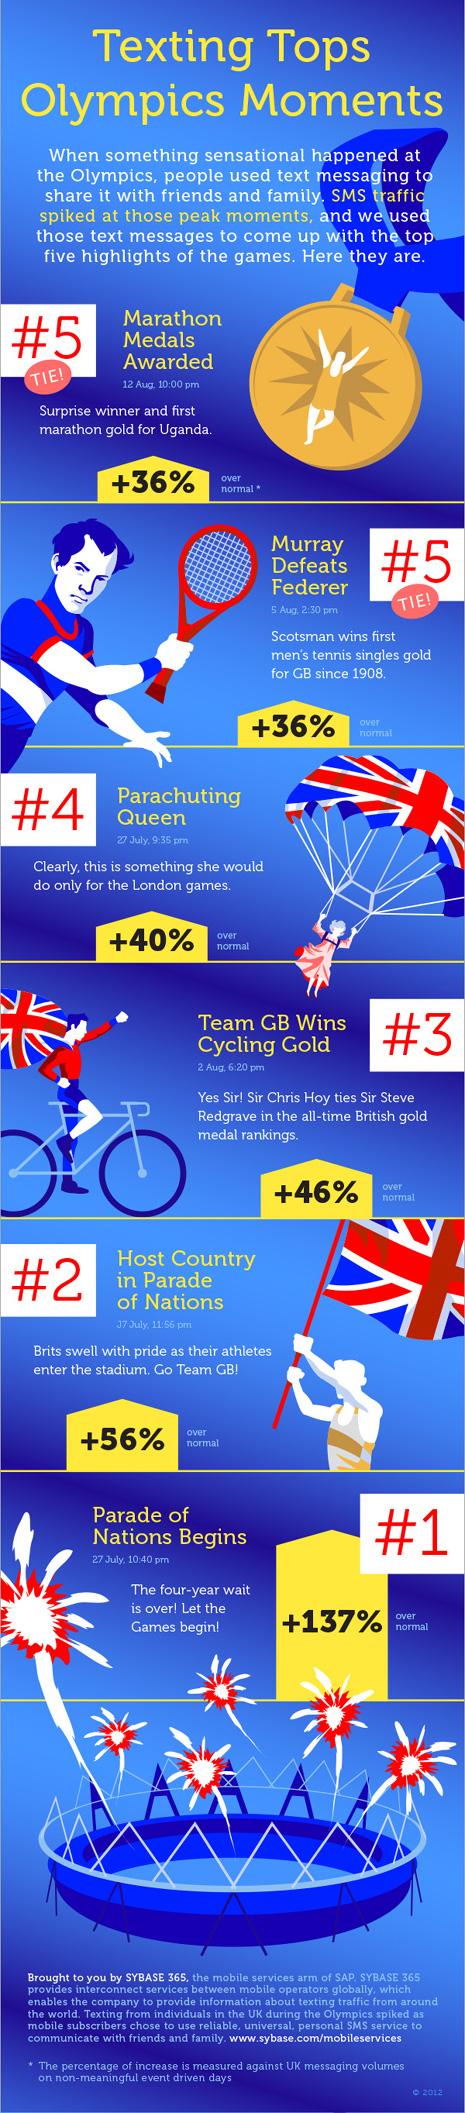 Las Olimpiadas demuestran que los mensajes SMS siguen vivos y coleando